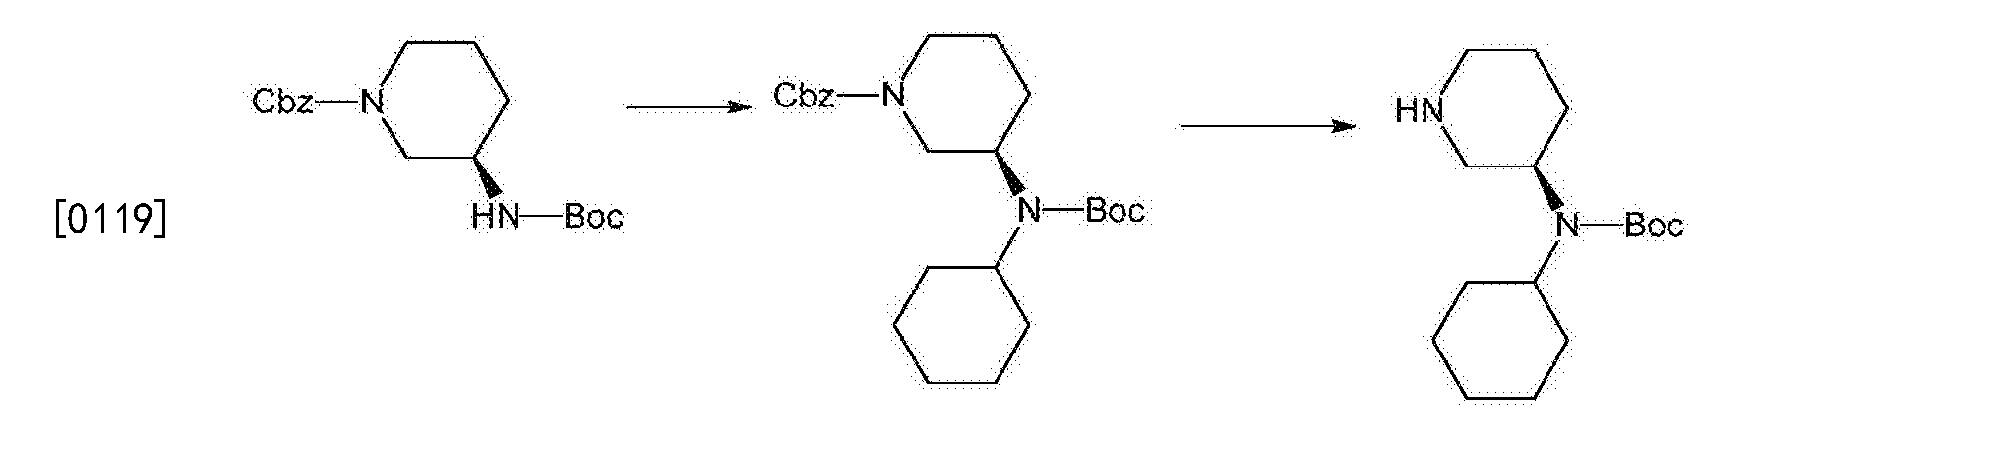 Figure CN105503873BD00132